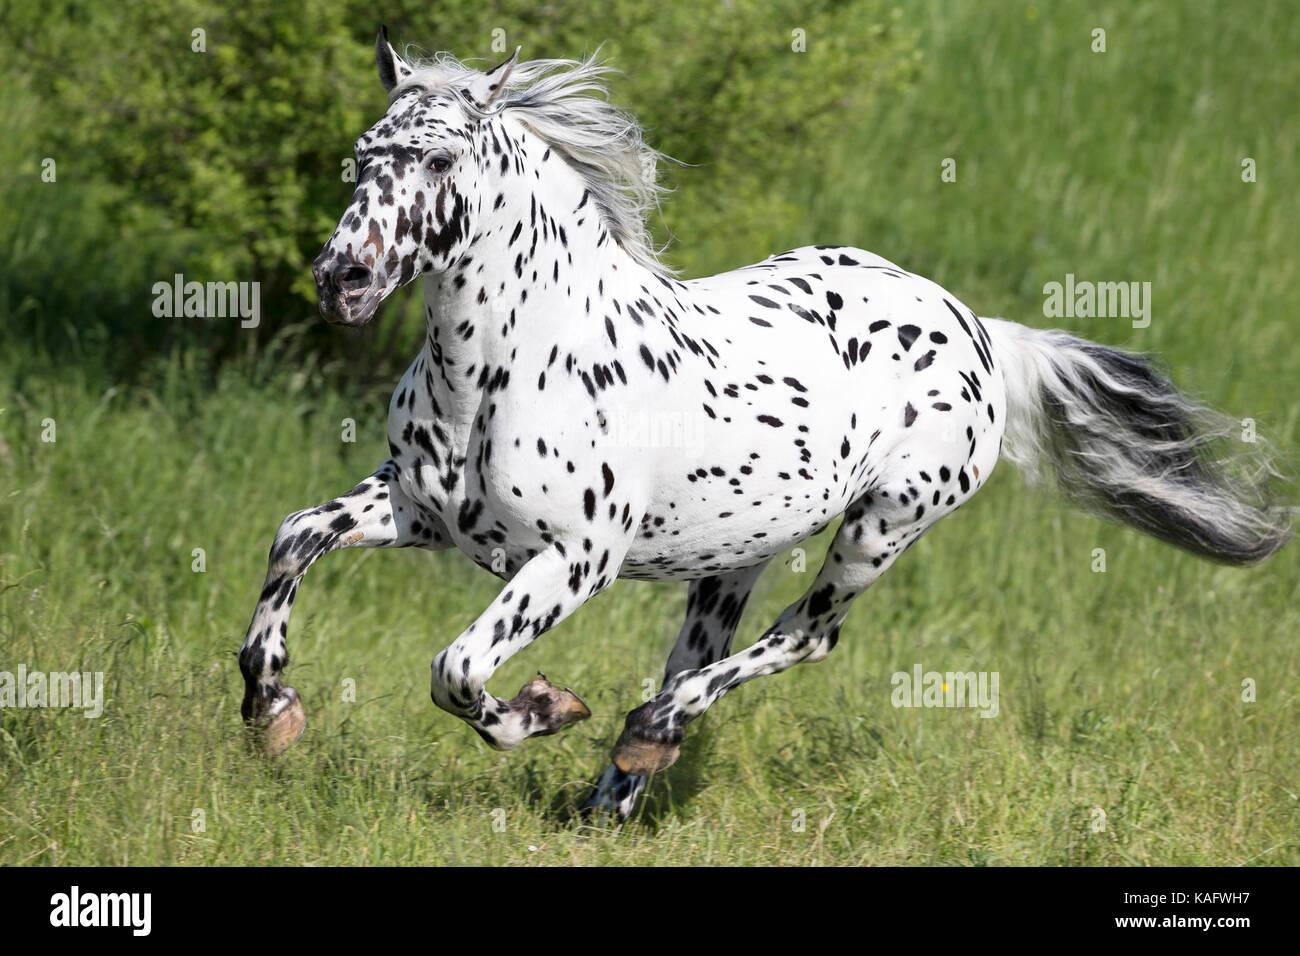 Knabstrupper Pferd